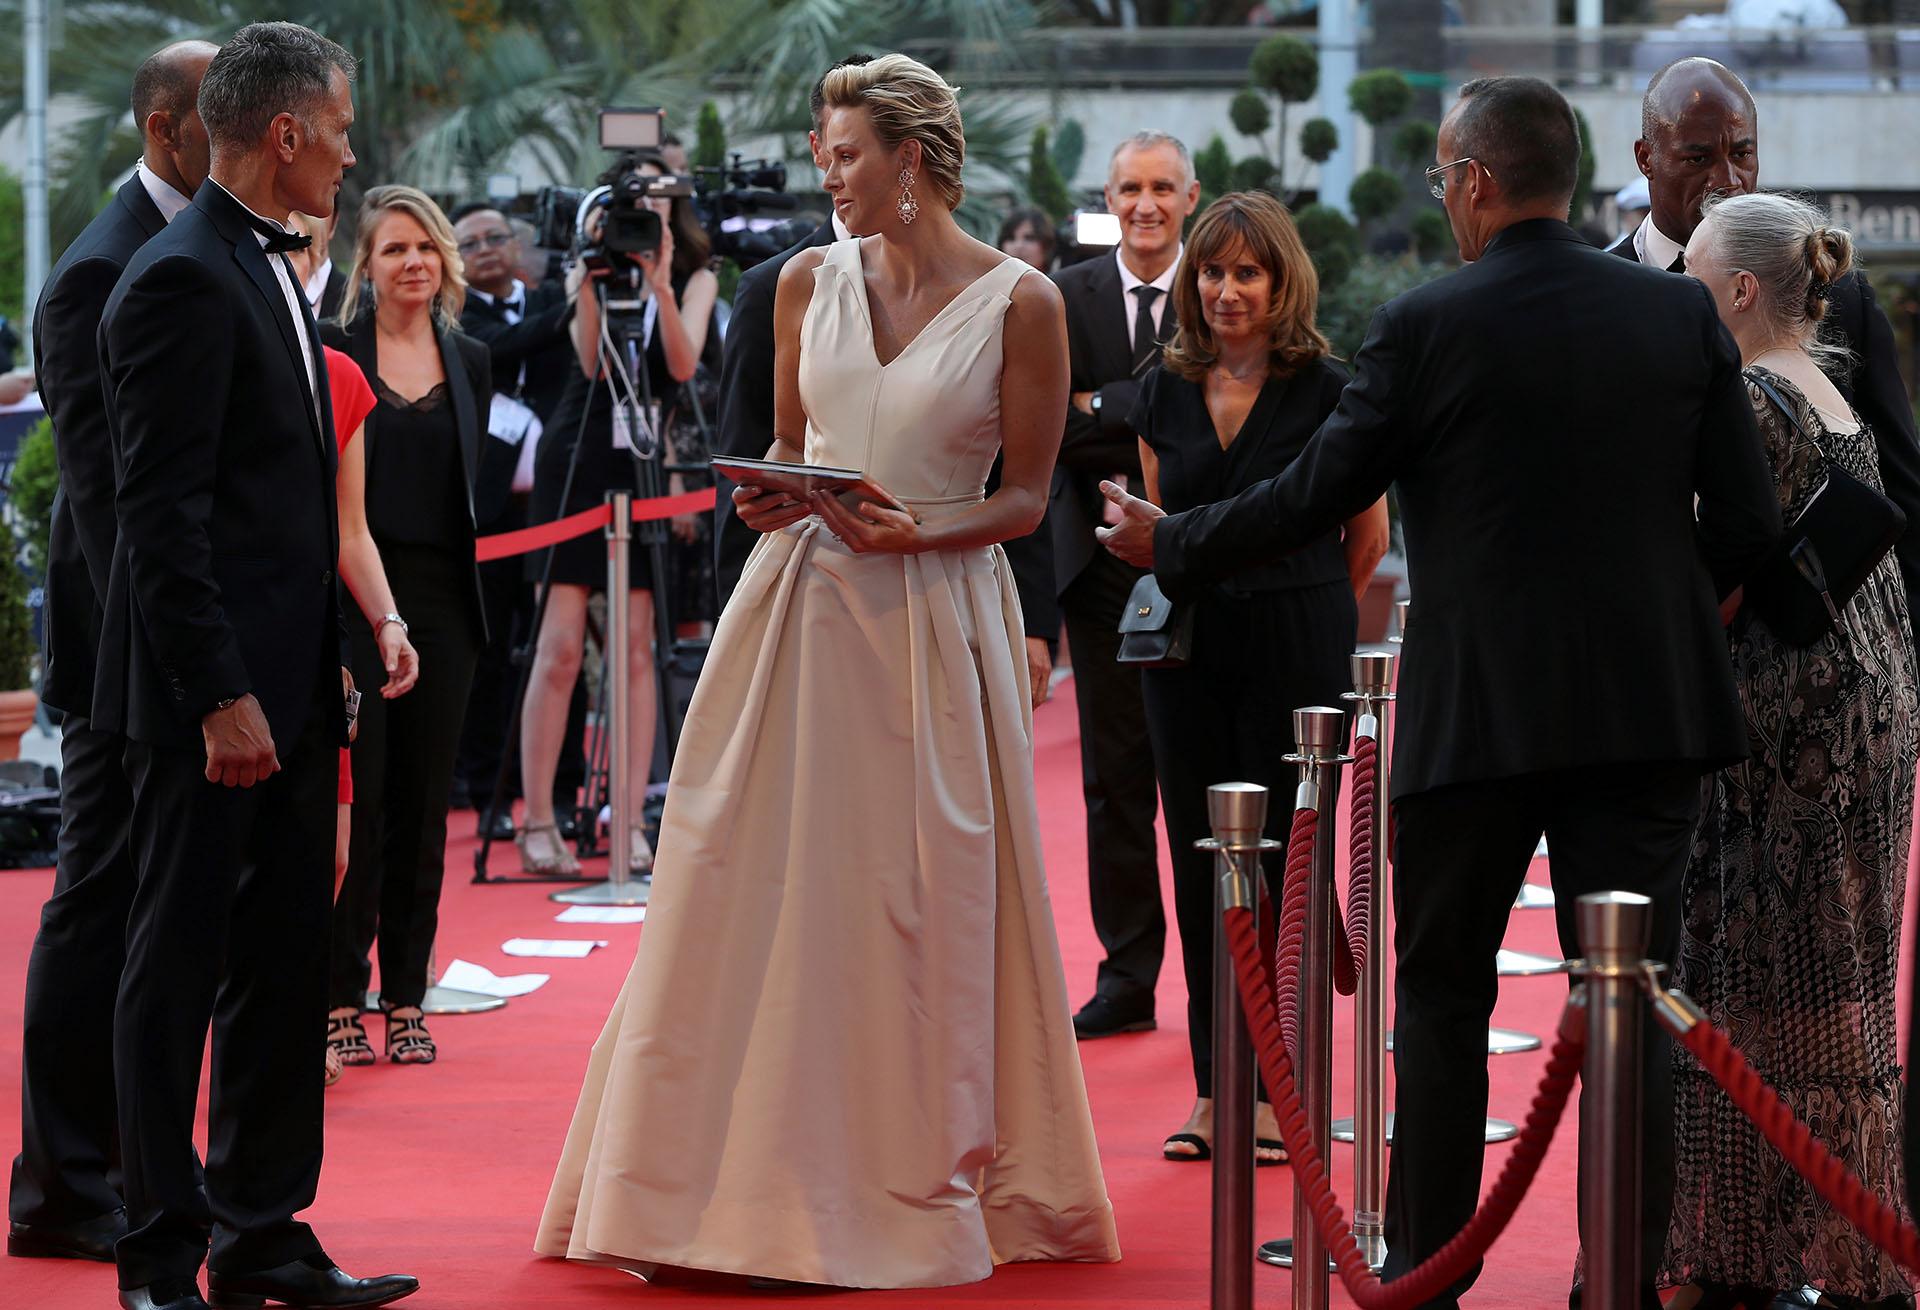 La llegada de la princesa Charlene de Mónaco a la ceremonia de la 58a edición del Festival de Televisión de Monte Carlo